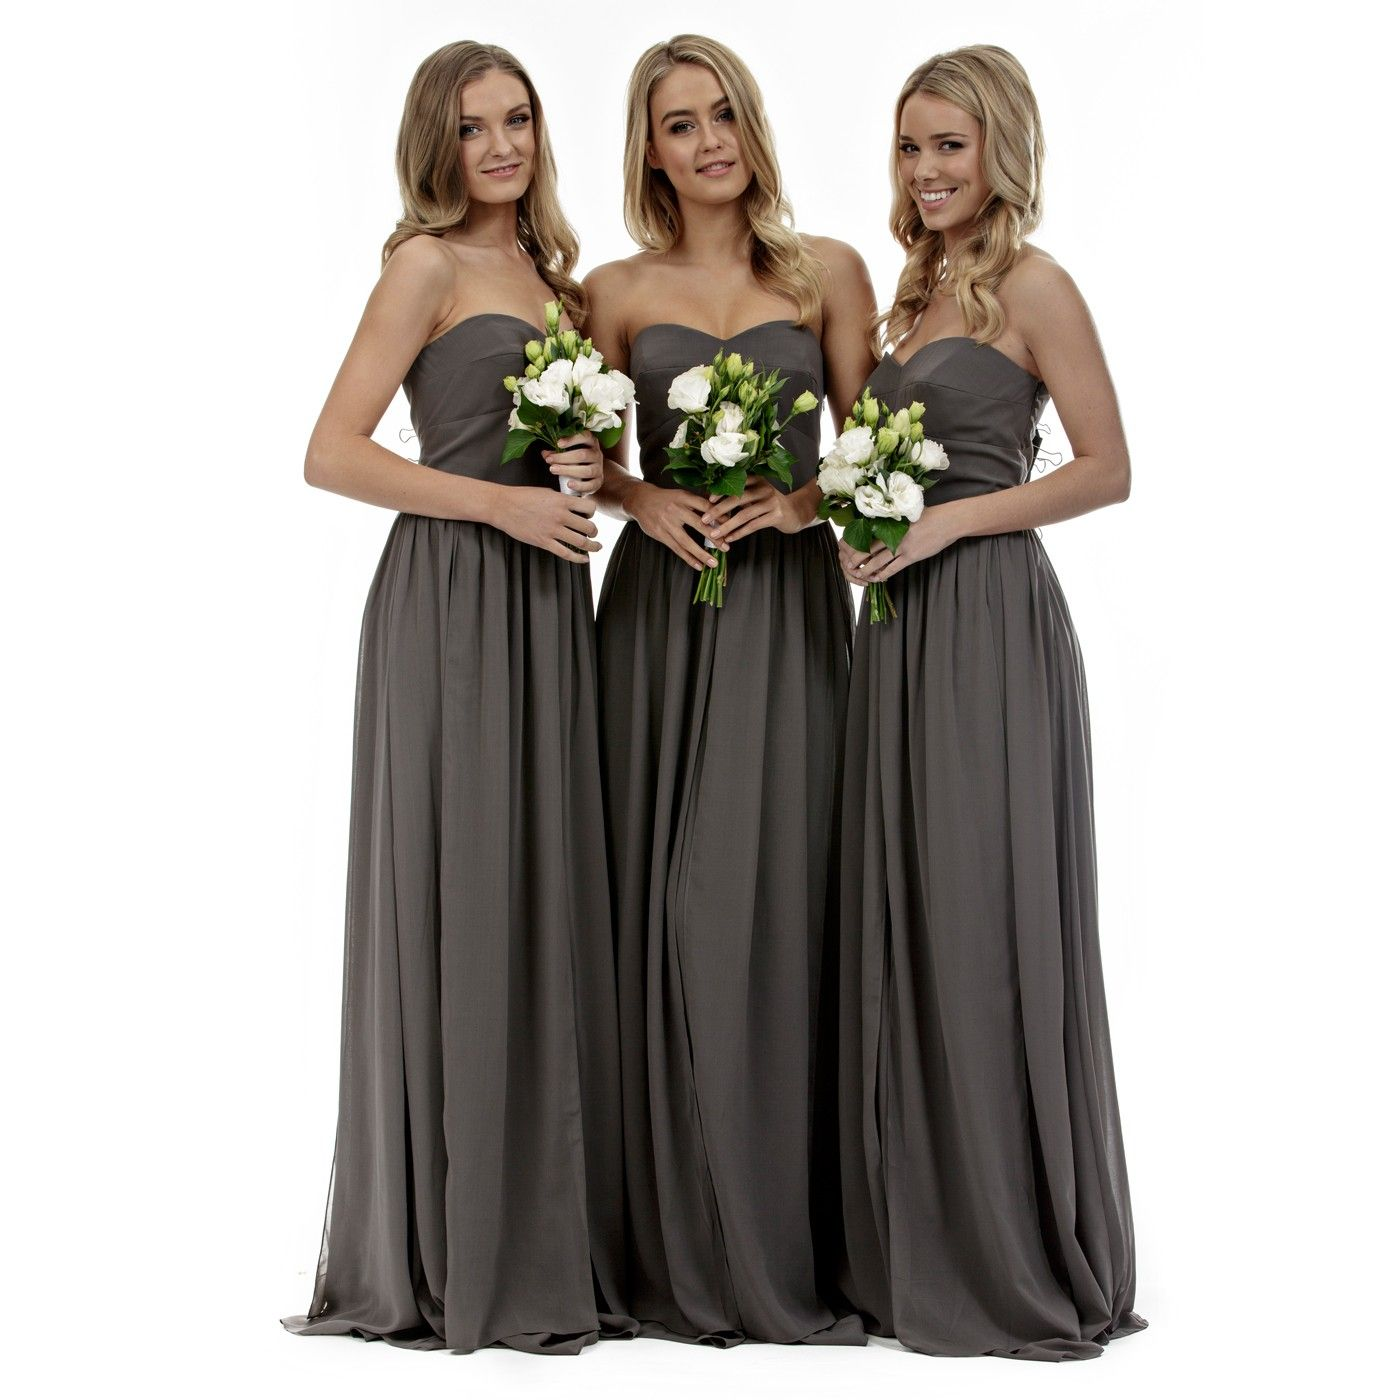 Langham cecilia charcoal bridesmaid dress wedding in the woods langham cecilia charcoal bridesmaid dress ombrellifo Images